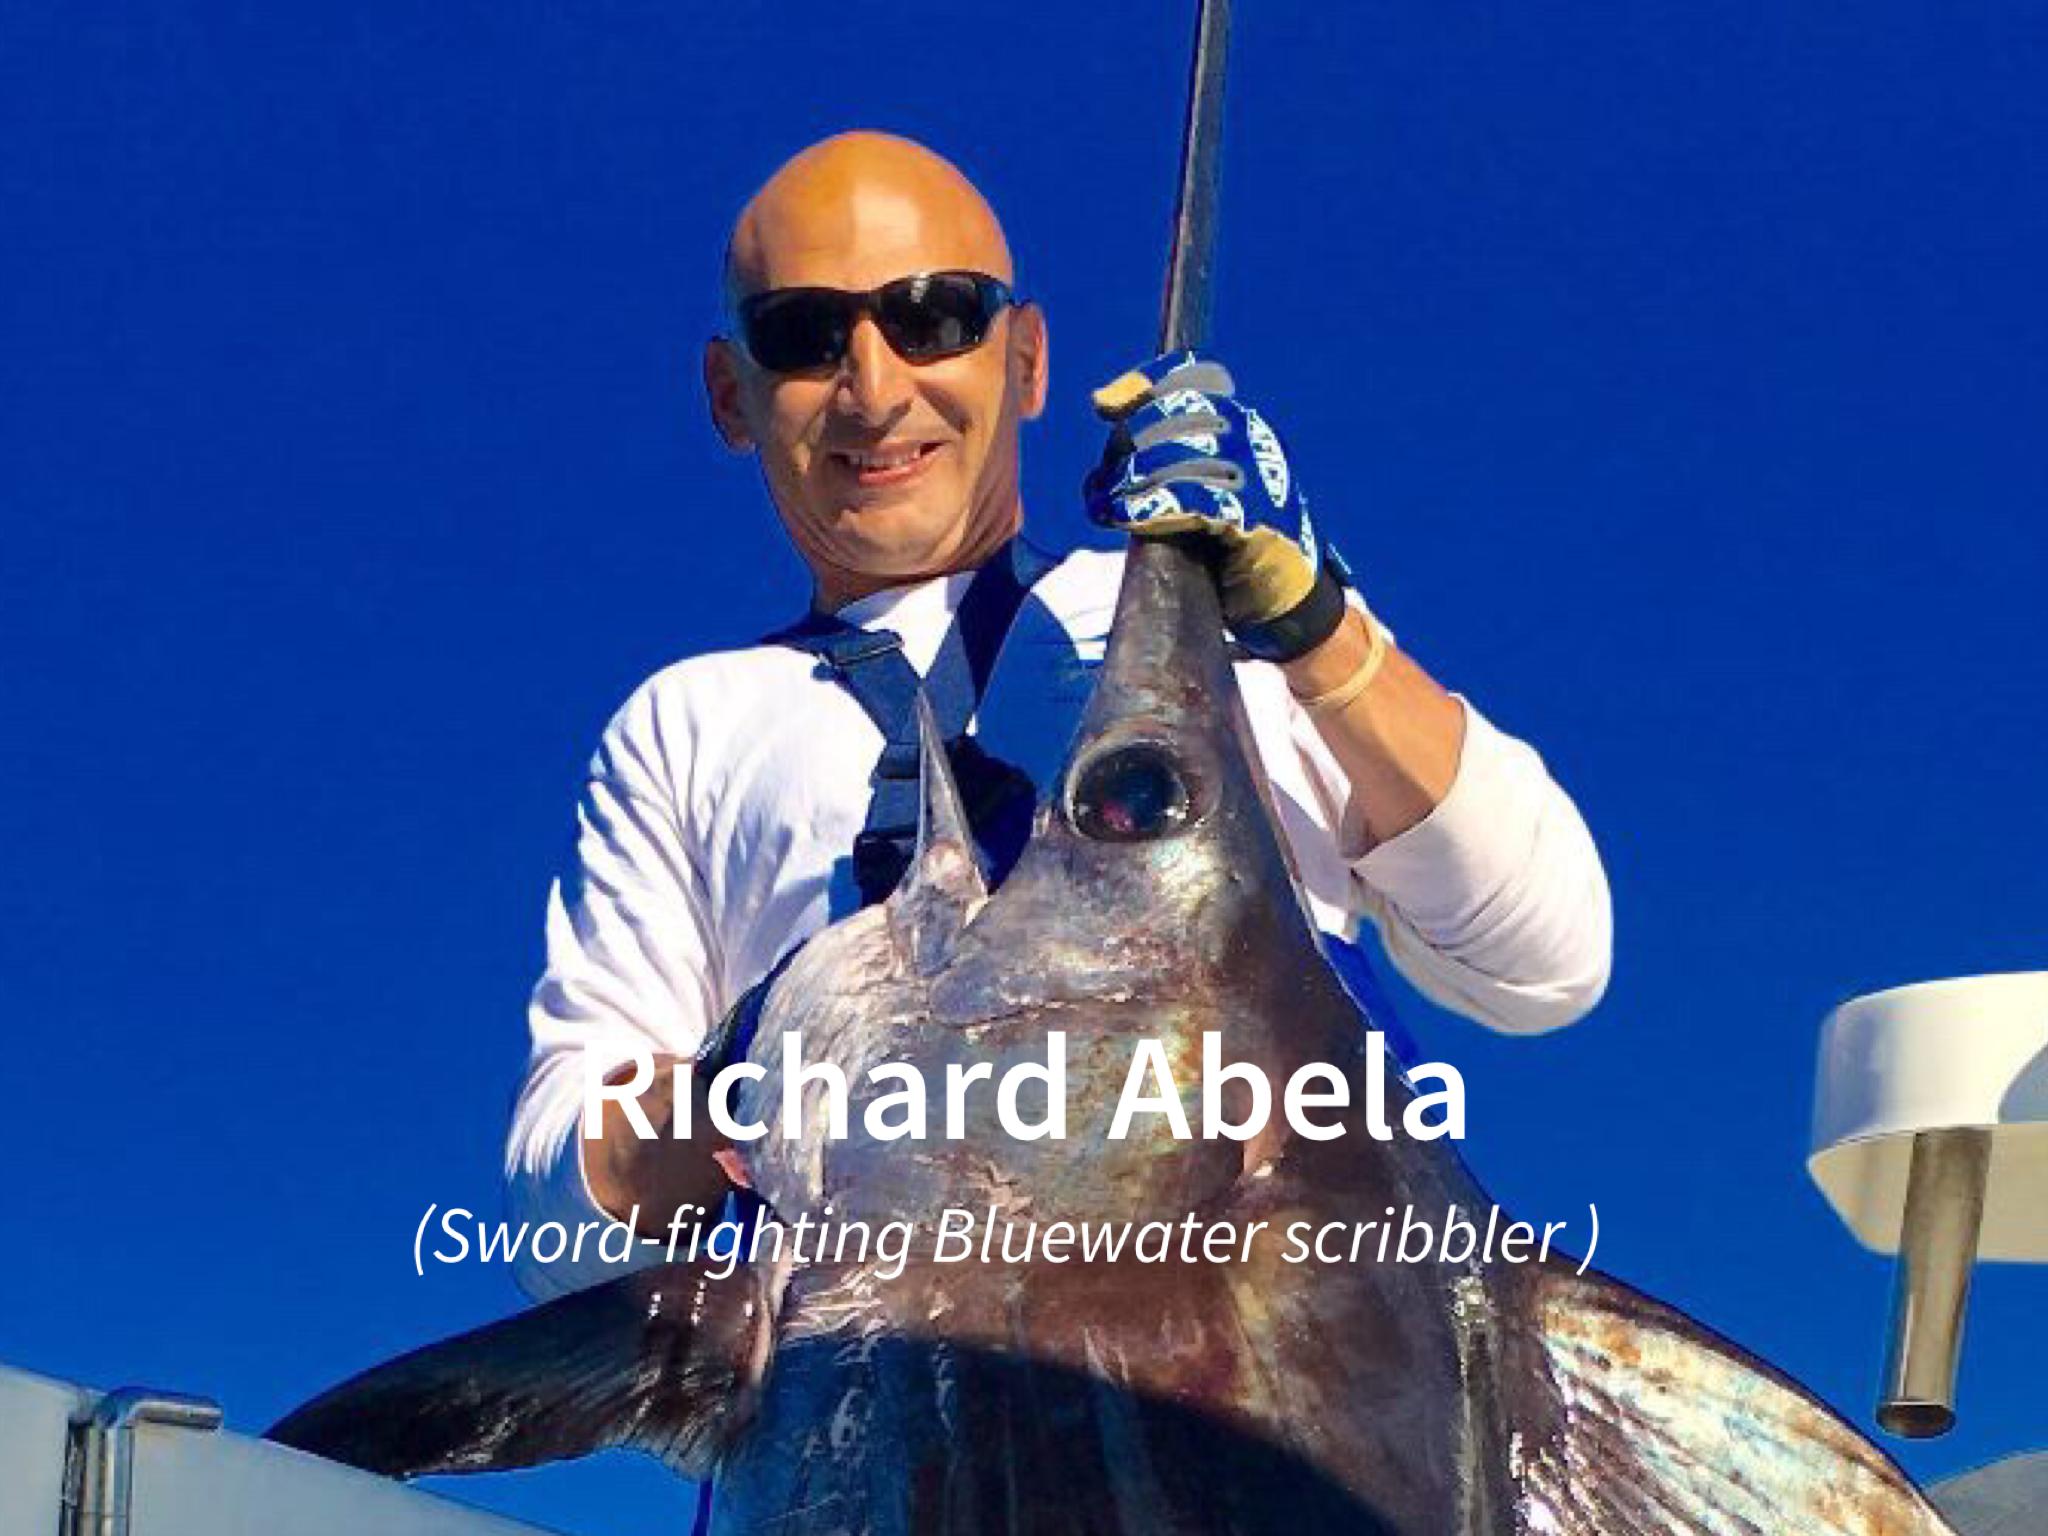 Richard Abela